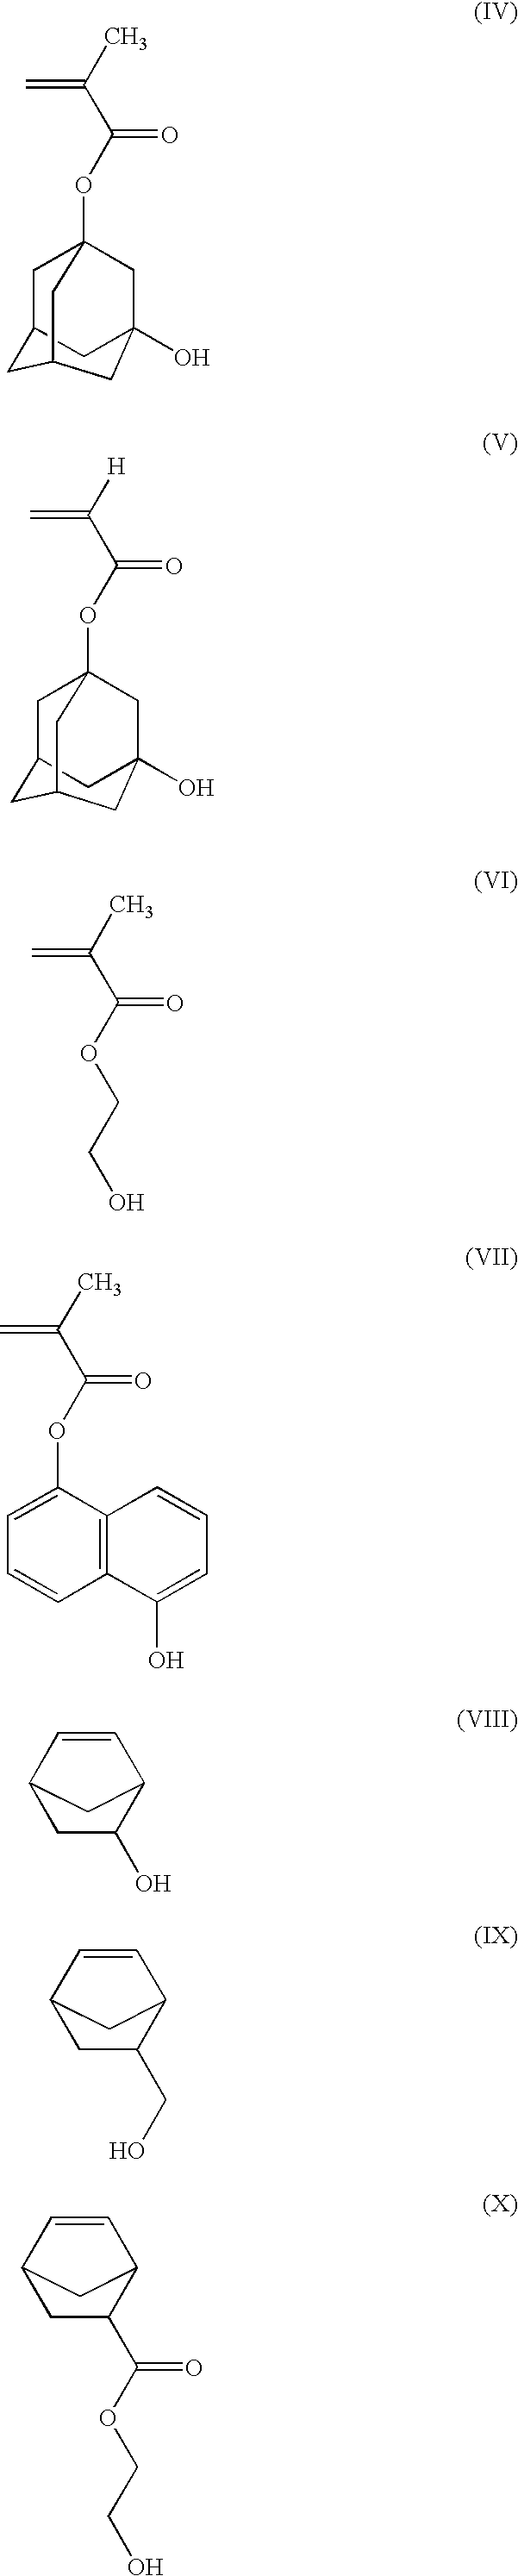 Figure US06949325-20050927-C00014